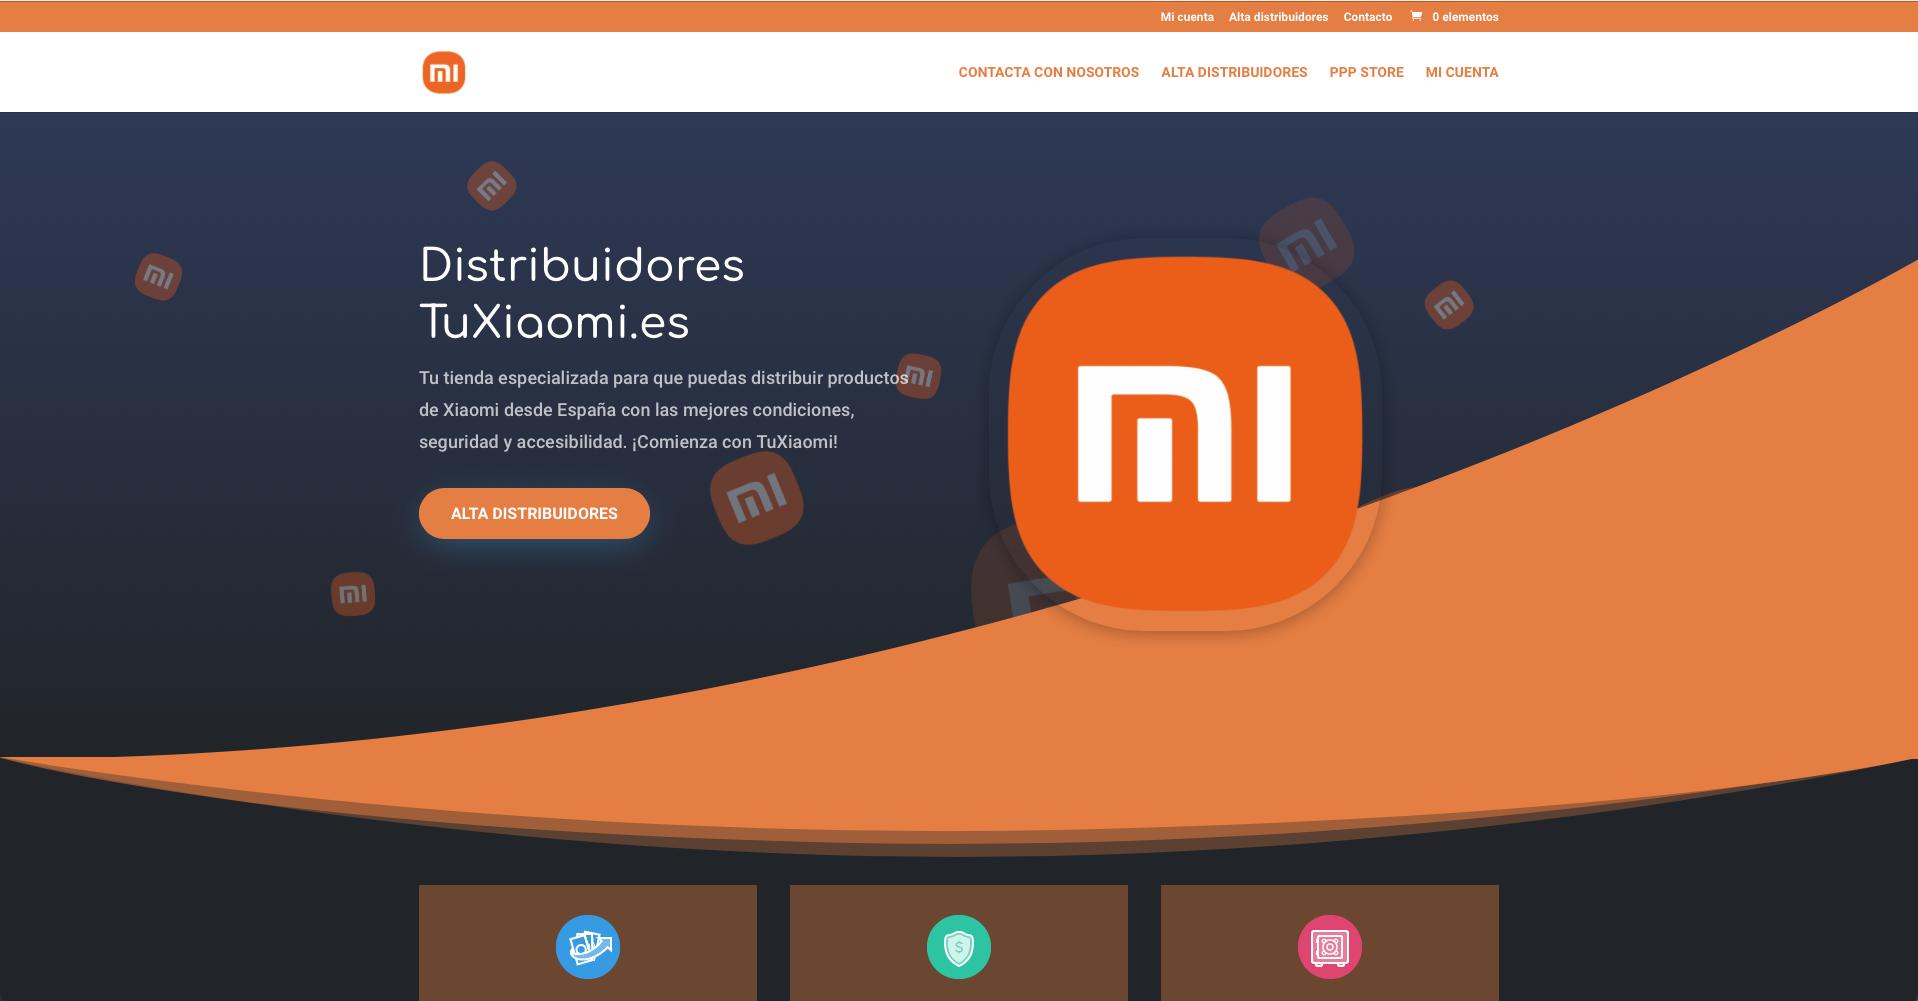 Diseño web para Distribuidores Tuxiaomi - Creación de Sitios Web